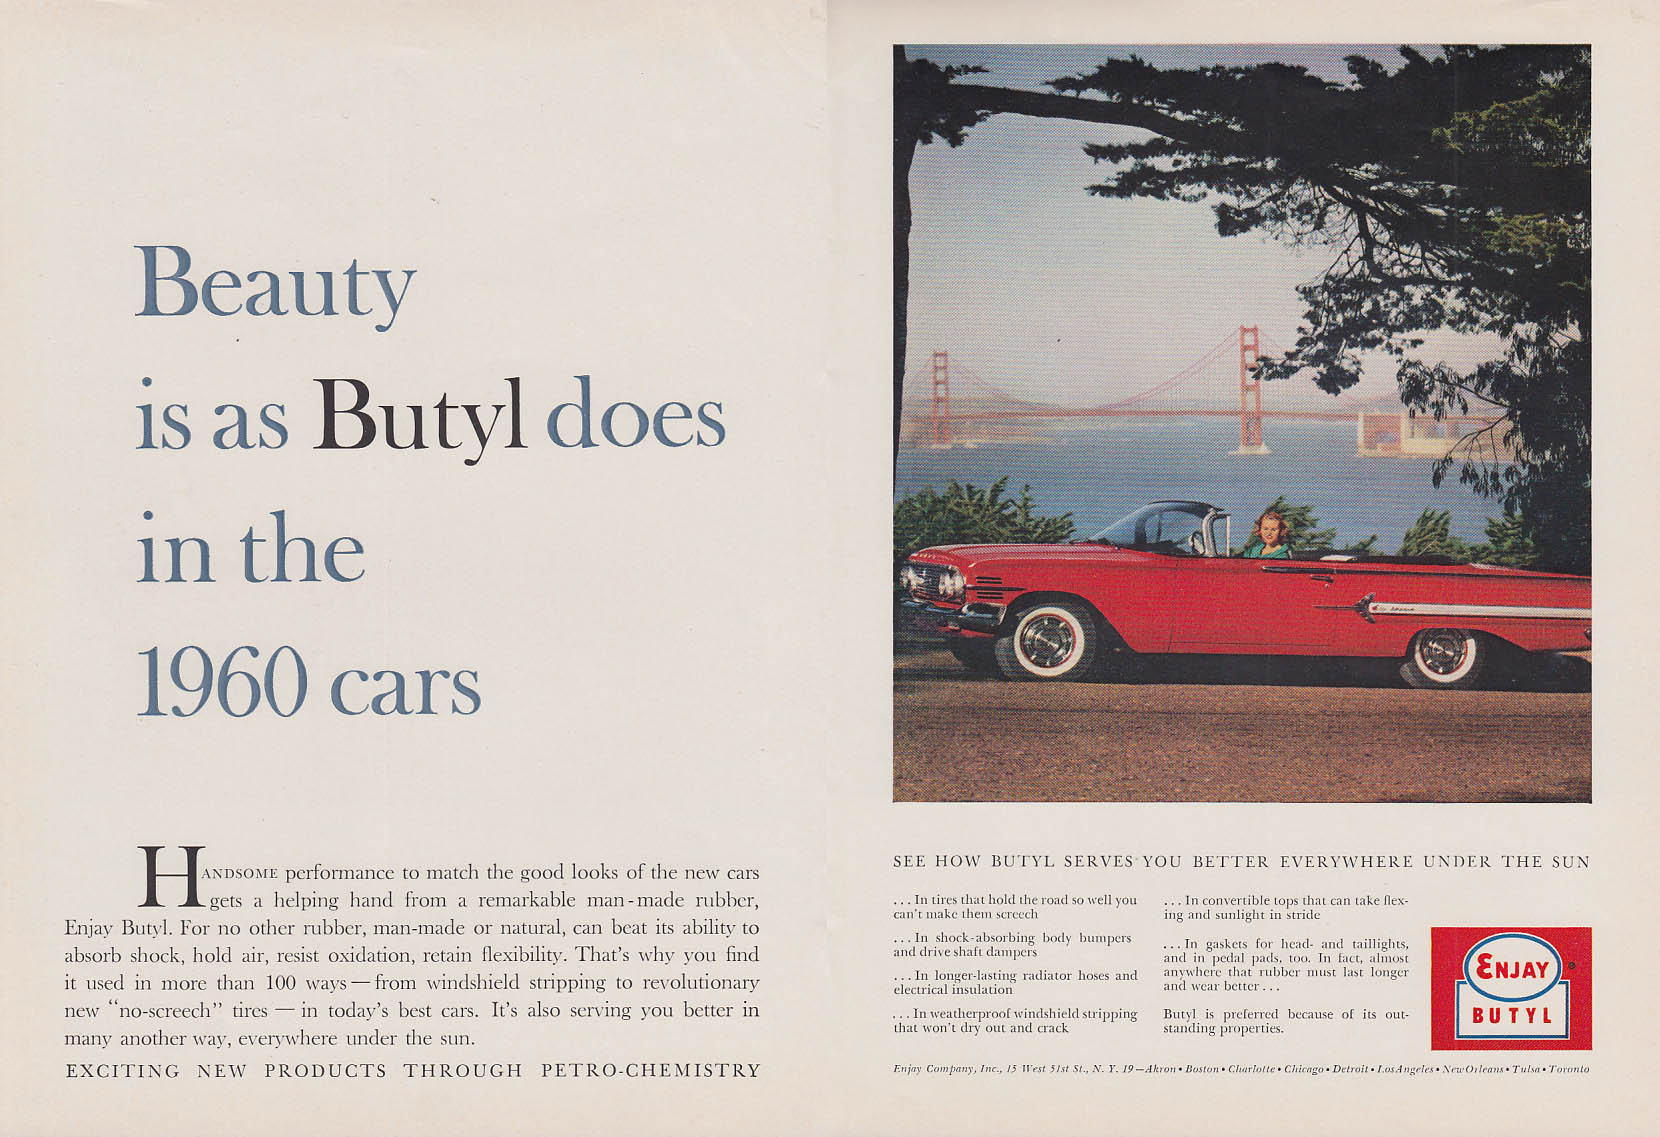 Beauty is as Butyl does Enjay ad 1960 Chevrolet Impala convertible NY